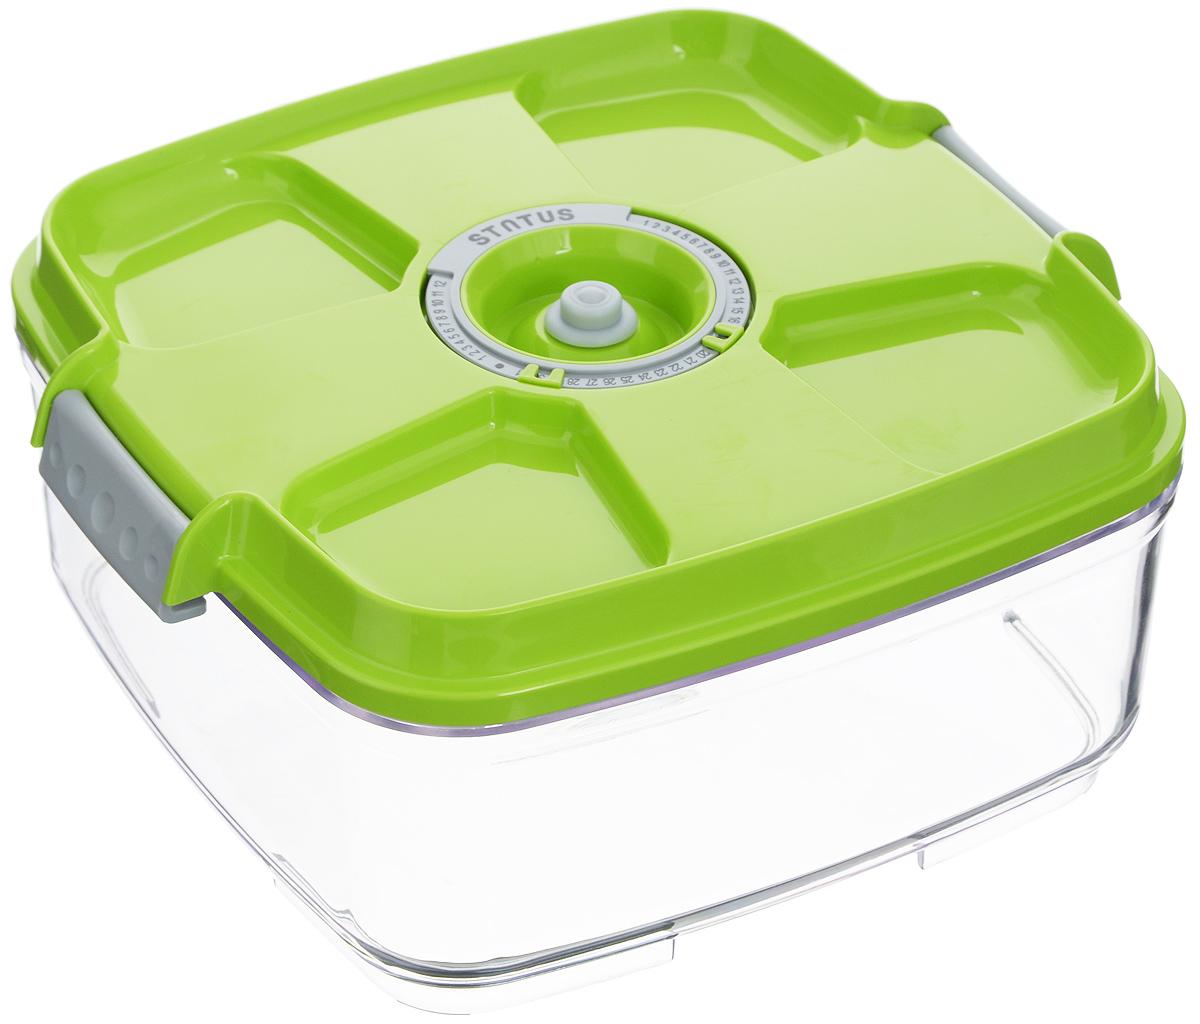 Контейнер вакуумный Status, с индикатором даты срока хранения, цвет: прозрачный, зеленый, 2 л. VAC-SQ-2021395599Вакуумный контейнер Status выполнен из хрустально-прозрачного прочного тритана. Благодаря вакууму, продукты не подвергаются внешнему воздействию, и срок хранения значительно увеличивается, сохраняют свои вкусовые качества и аромат, а запахи в холодильнике не перемешиваются. Допускается замораживание до -21°C, мойка контейнера в посудомоечной машине, разогрев в СВЧ (без крышки). Рекомендовано хранение следующих продуктов: макаронные изделия, крупа, мука, кофе в зёрнах, сухофрукты, супы, соусы. Контейнер имеет индикатор даты, который позволяет отмечать дату конца срока годности продуктов.Размер контейнера (с учетом крышки): 22 х 22 х 11 см.